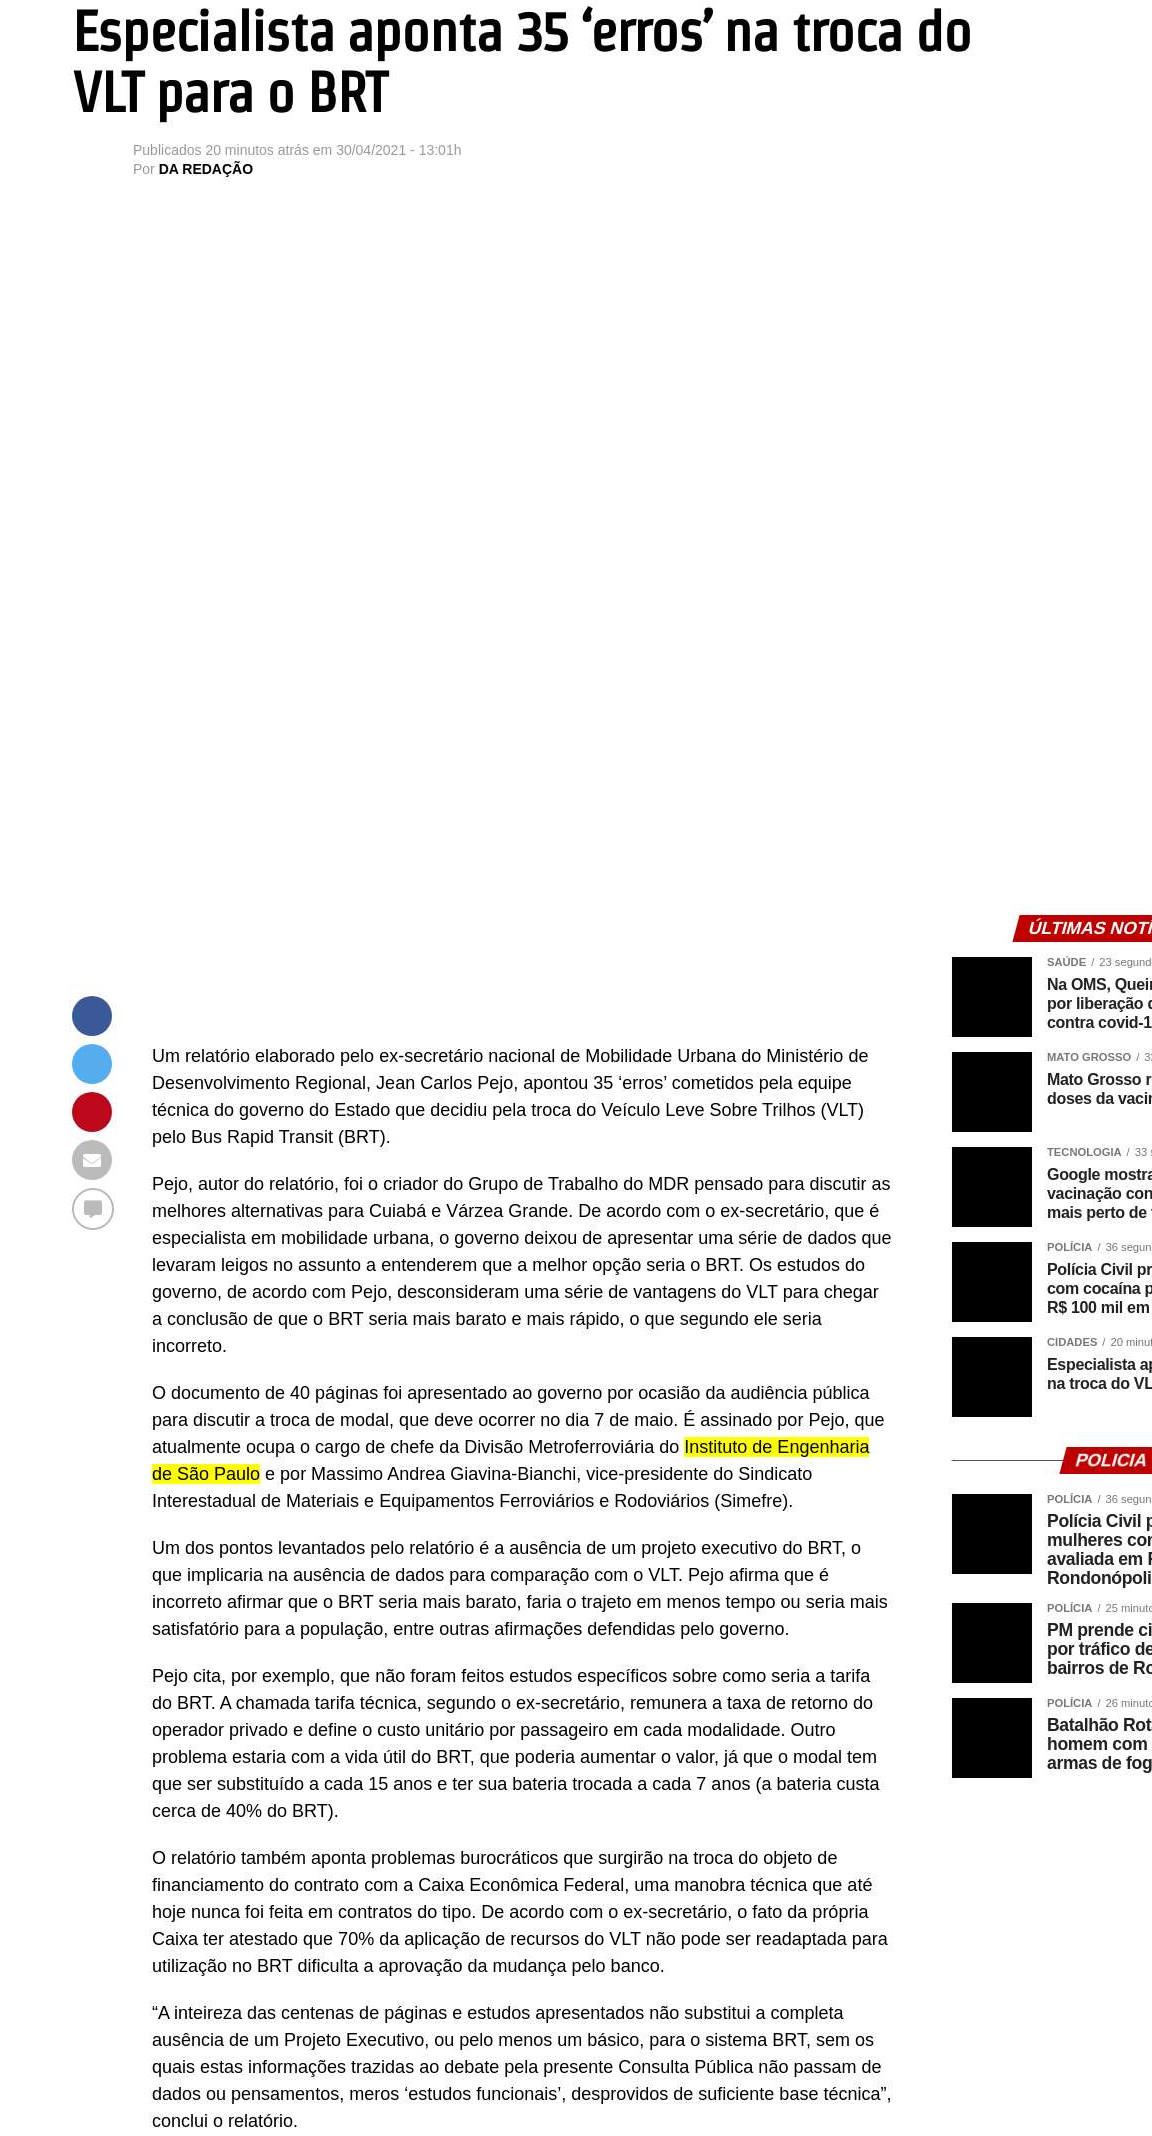 Especialista aponta 35 `erros` na troca do VLT para o BRT - Jornal Página do Estado